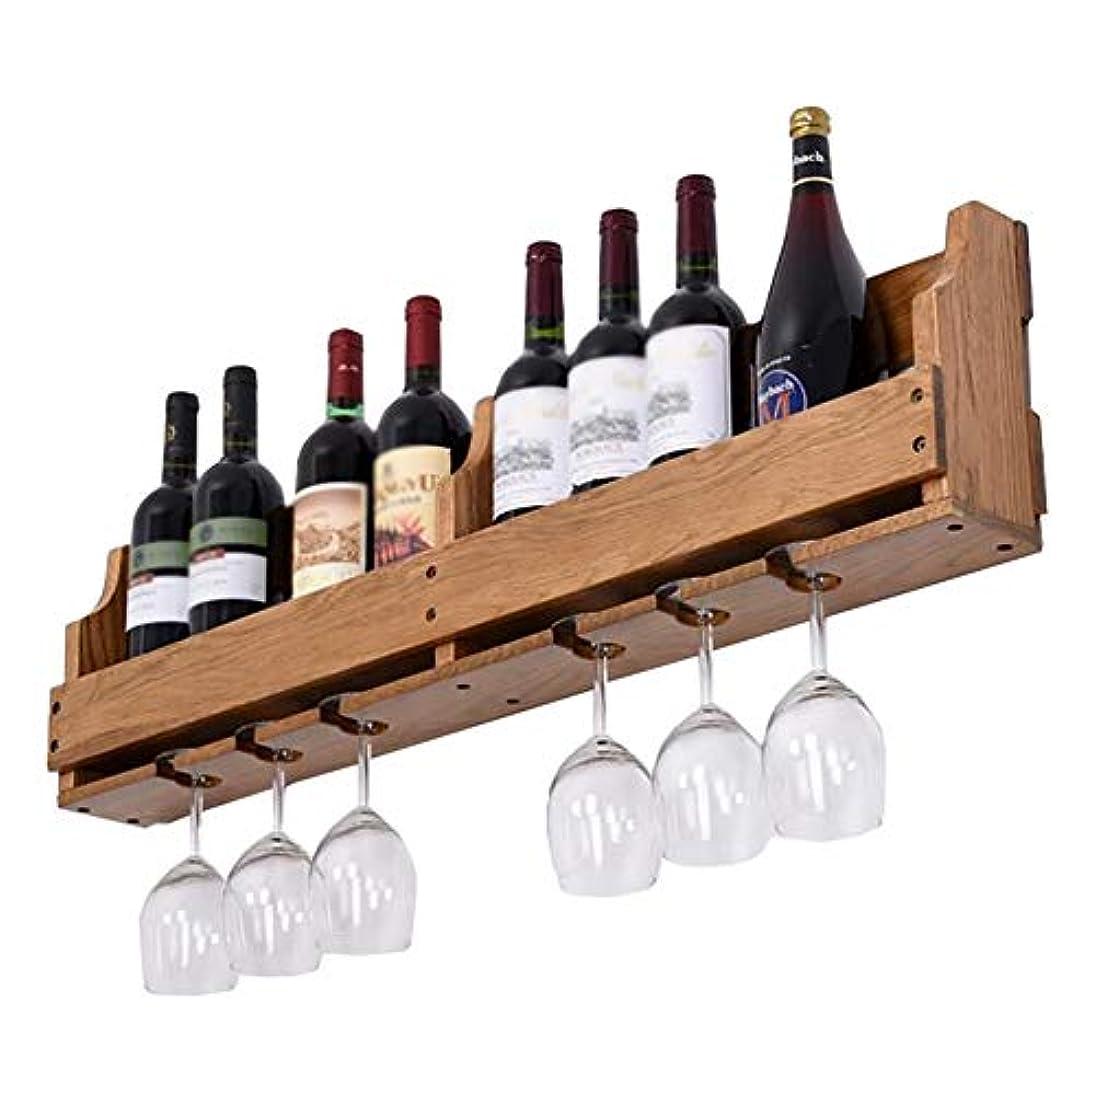 伝説バタフライ小人YXX- 8本のびんおよび6つの脚付きグラスのガラスのための壁に取り付けられた木製のワインラック - 台所、食堂、棒、ワインセラーのために大きい (Color : Style-3)